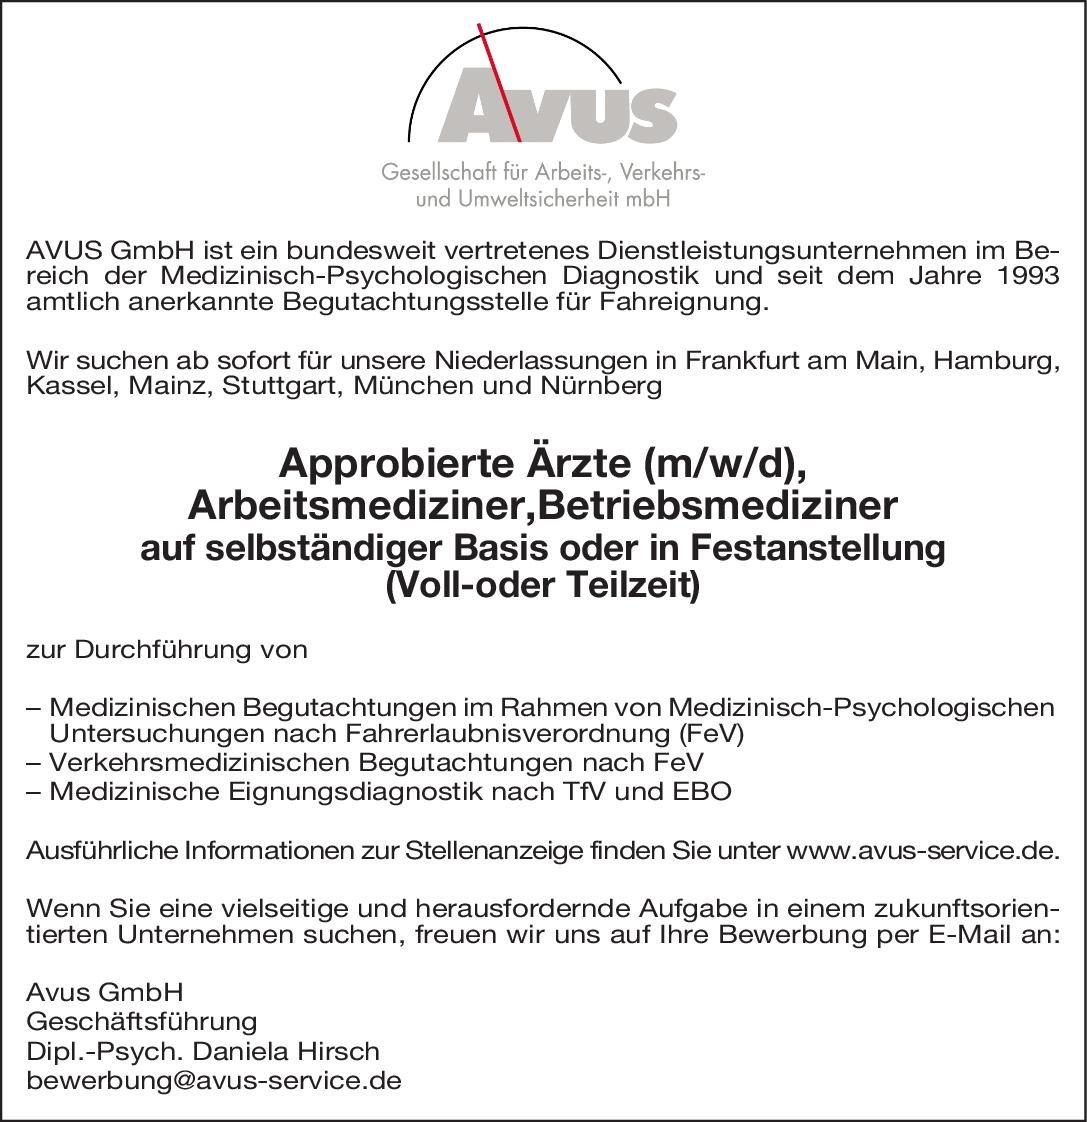 Avus GmbH Approbierte Ärzte (m/w/d), Arbeitsmediziner, Betriebsmediziner Arbeitsmedizin Arzt / Facharzt